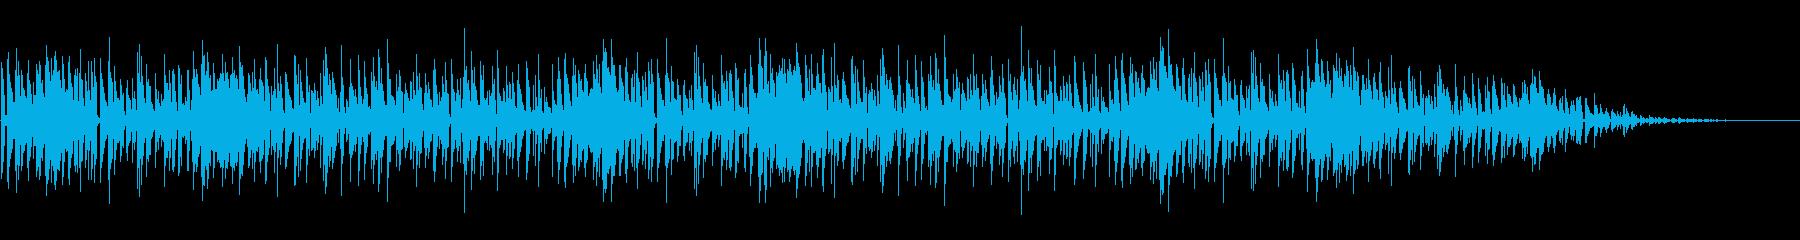 柔らかく暖かみのあるアコースティック曲の再生済みの波形